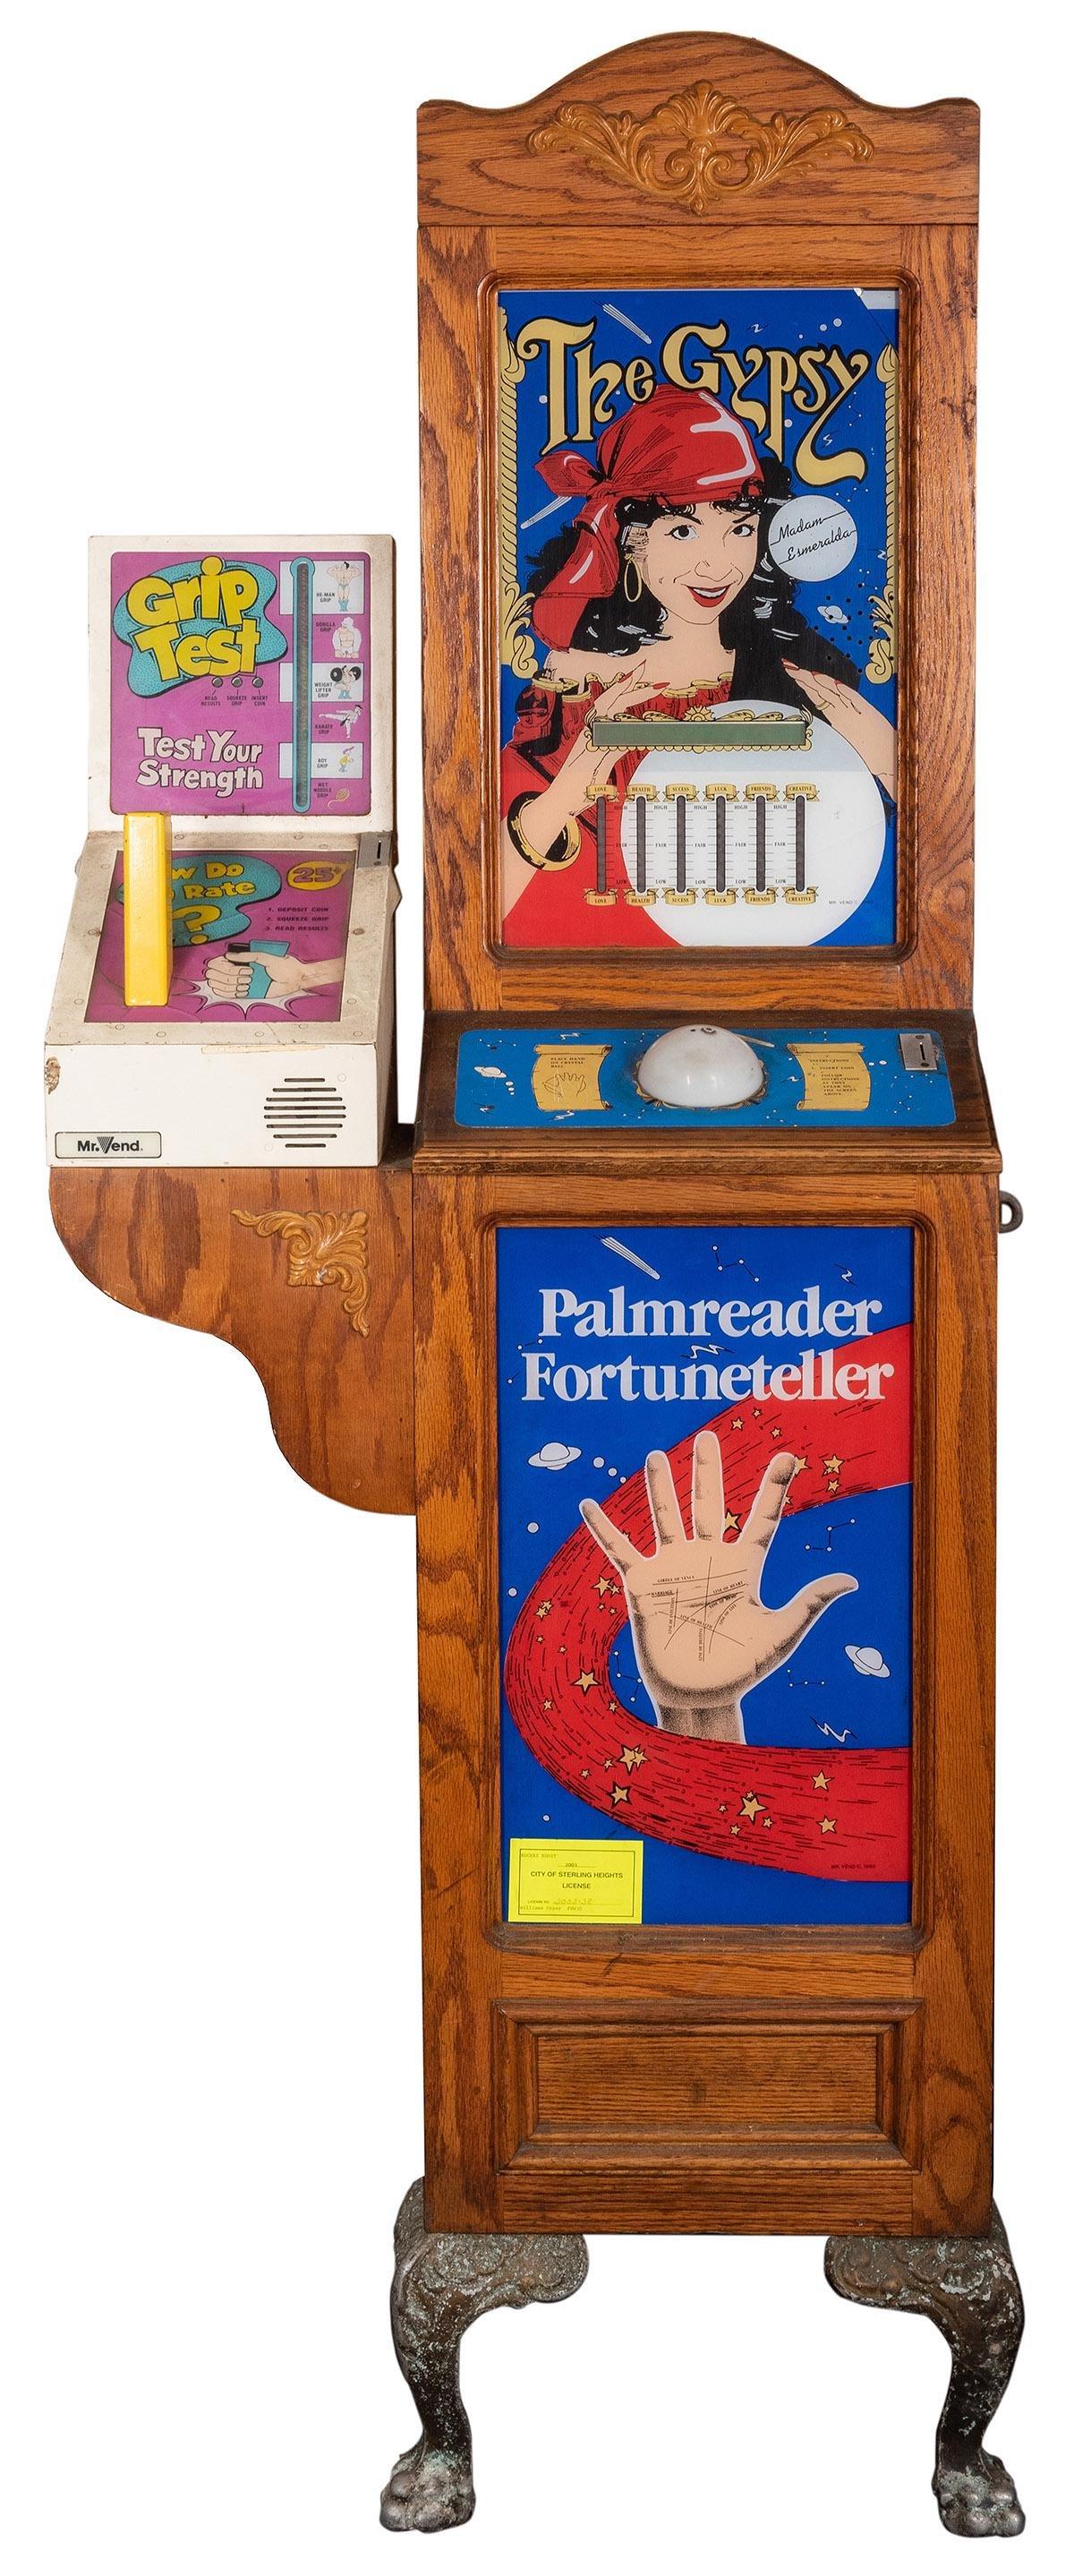 The Gypsy Fortune-Teller / Grip Test Arcade Machine.